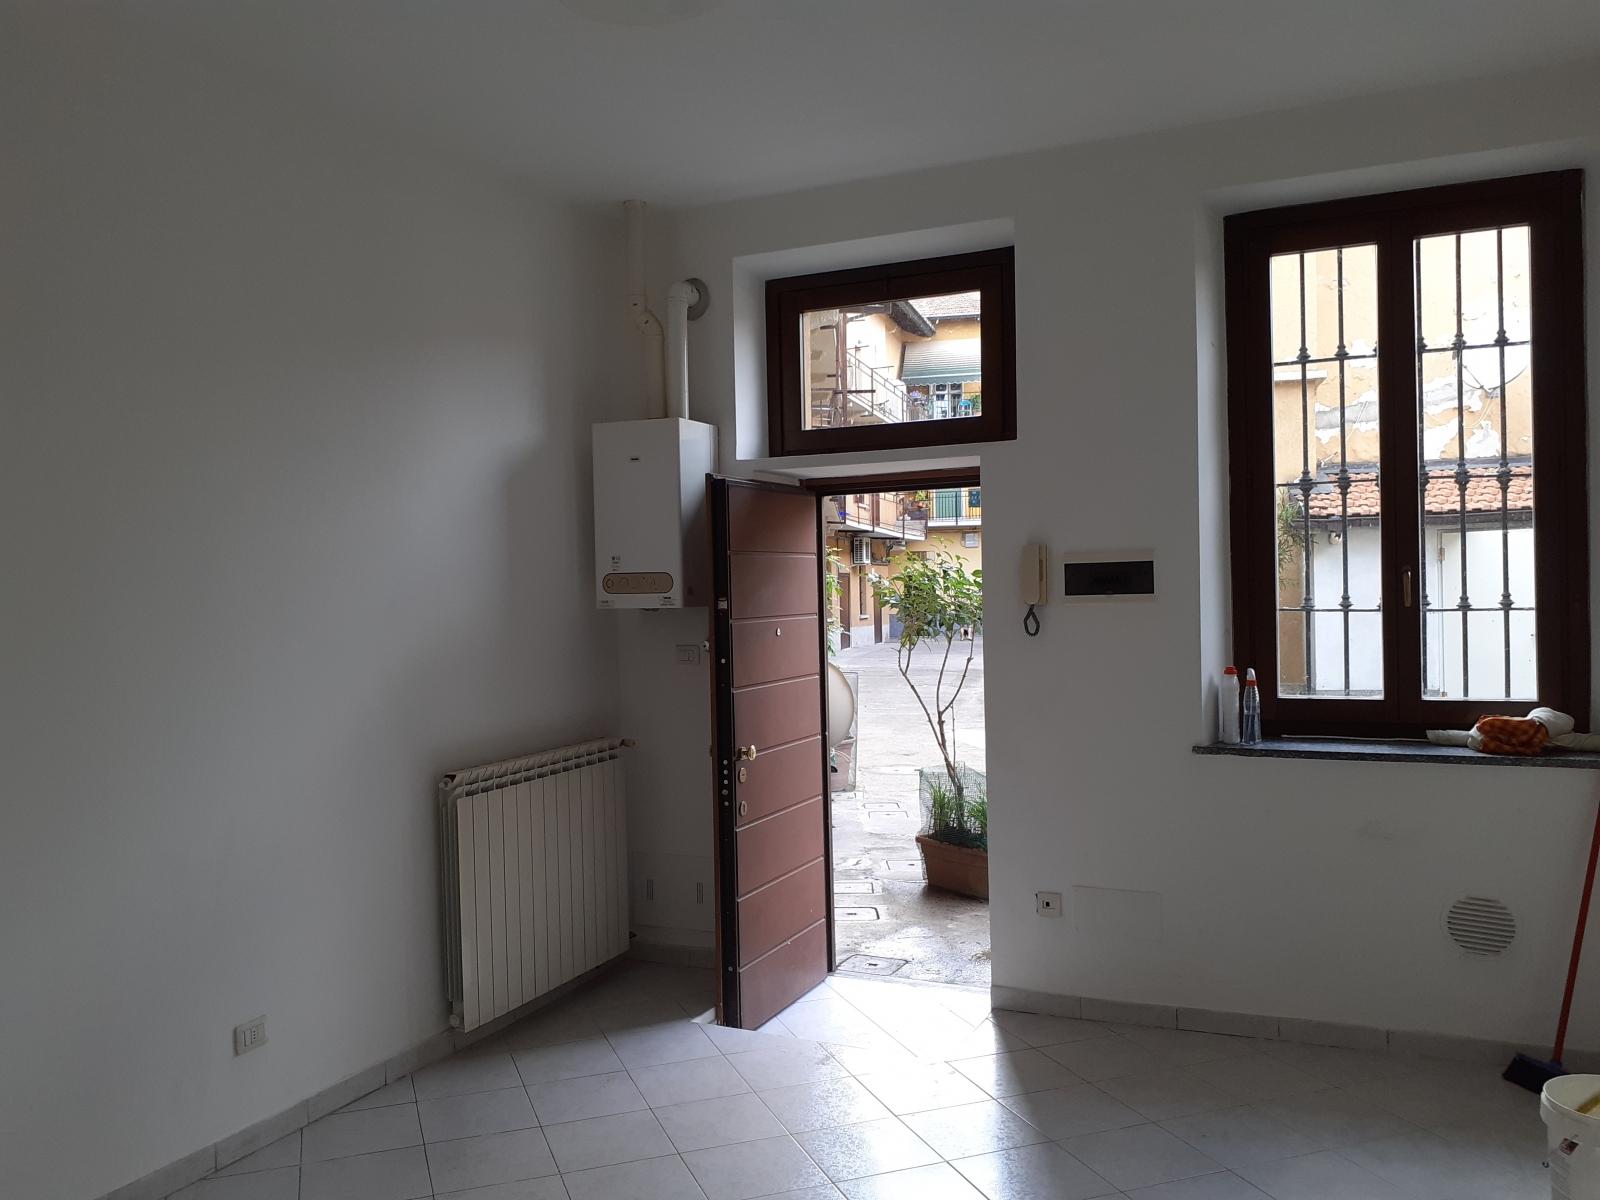 appartamento-tre-locali-milano-via-novara-quinto-romano-san-siro-3-locali-spaziourbano-immobiliare-vende-15